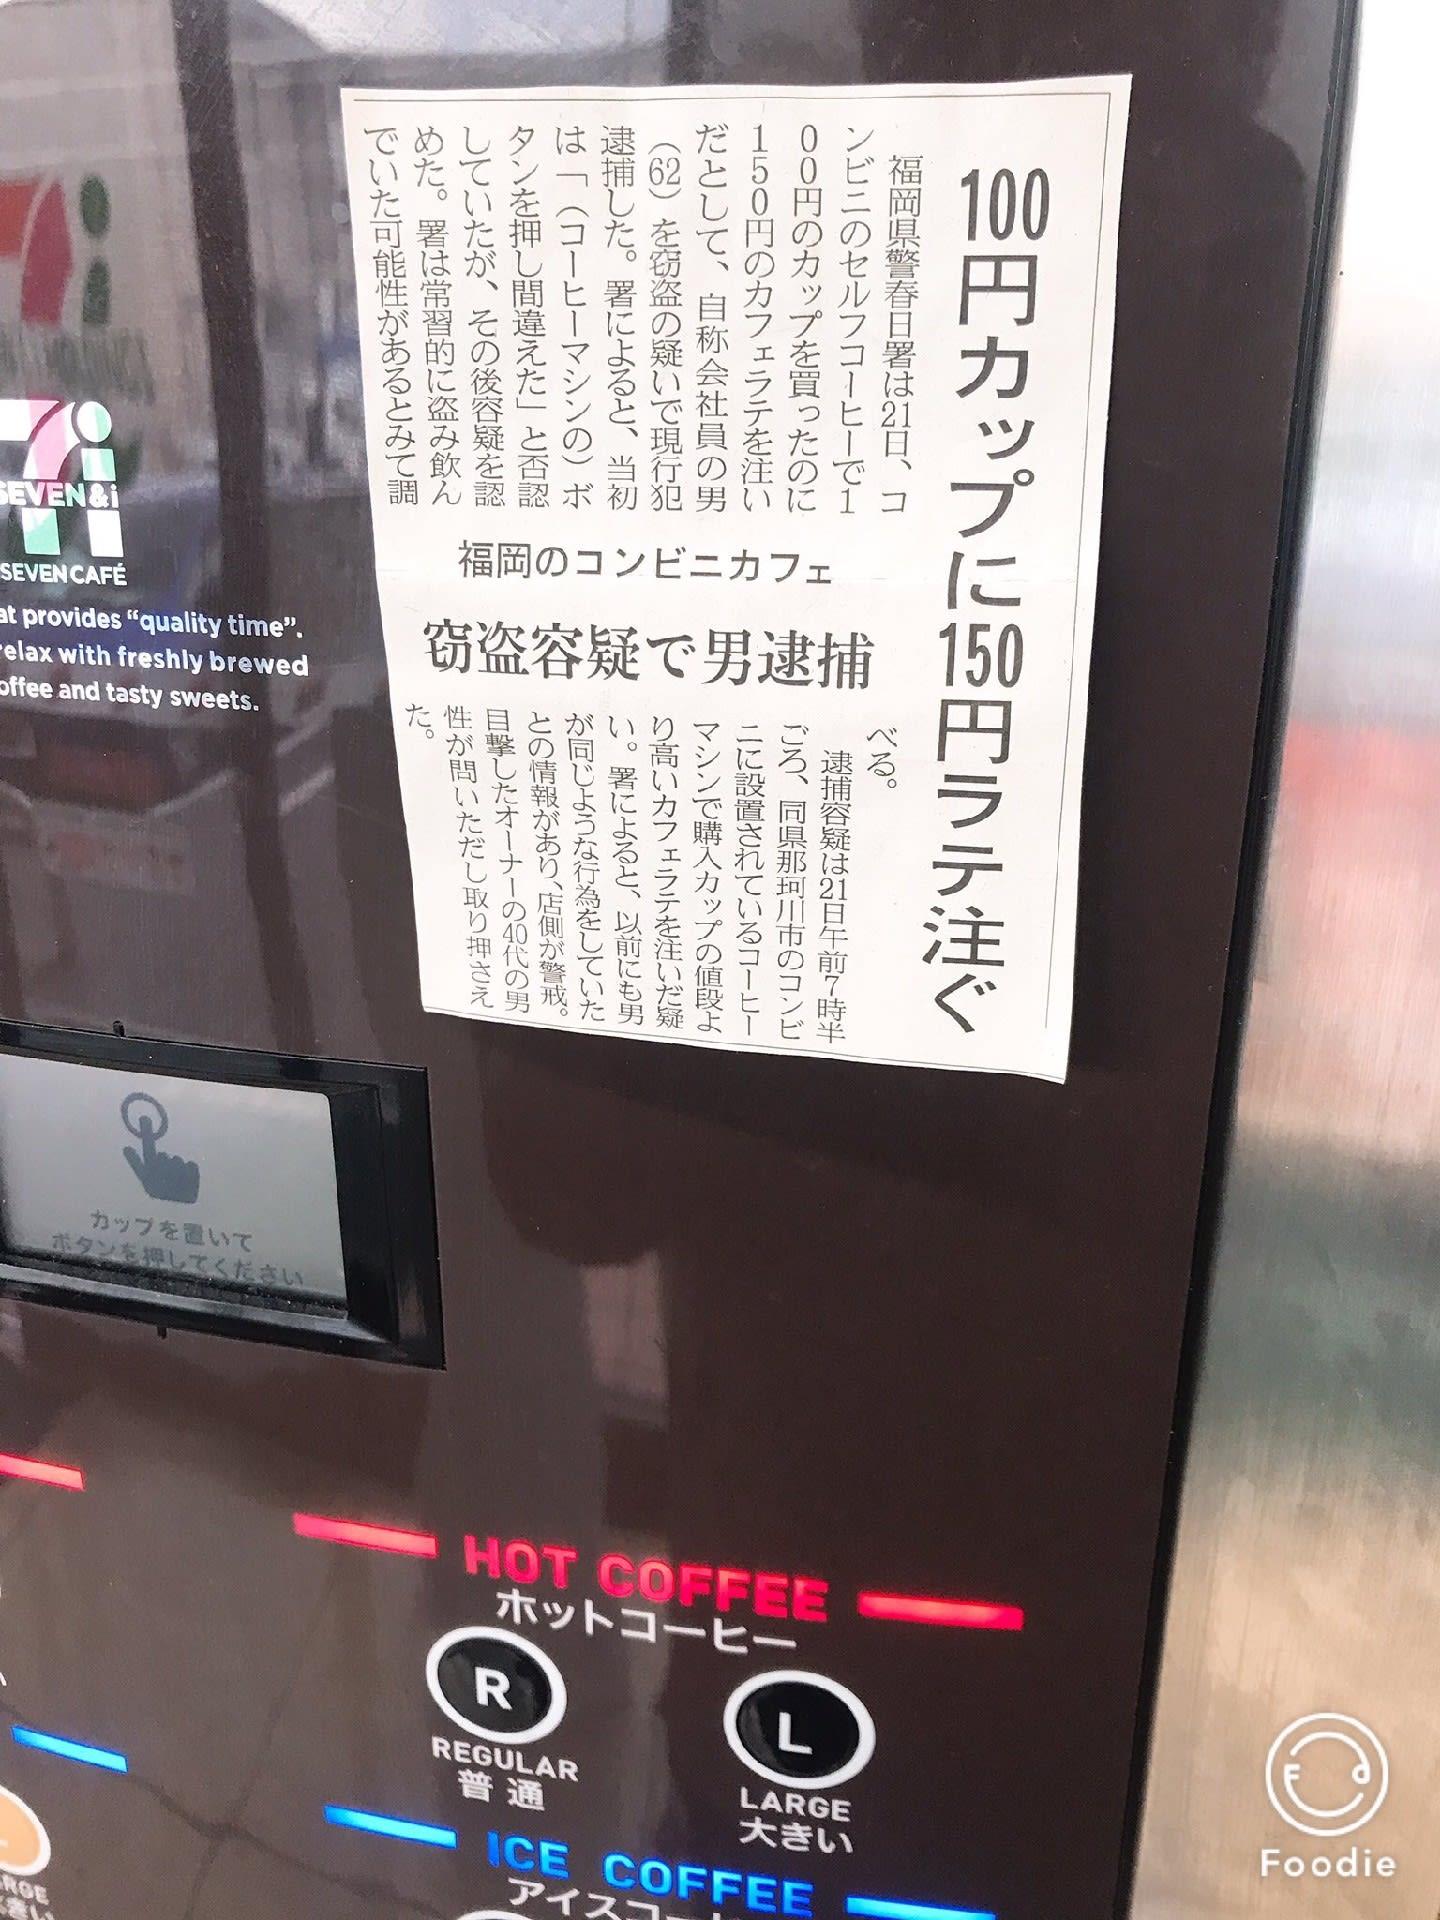 【画像】 セブンイレブンさん、コーヒー入れ間違いの対策に乗り出すwwwwwwwwwwwwwwwww